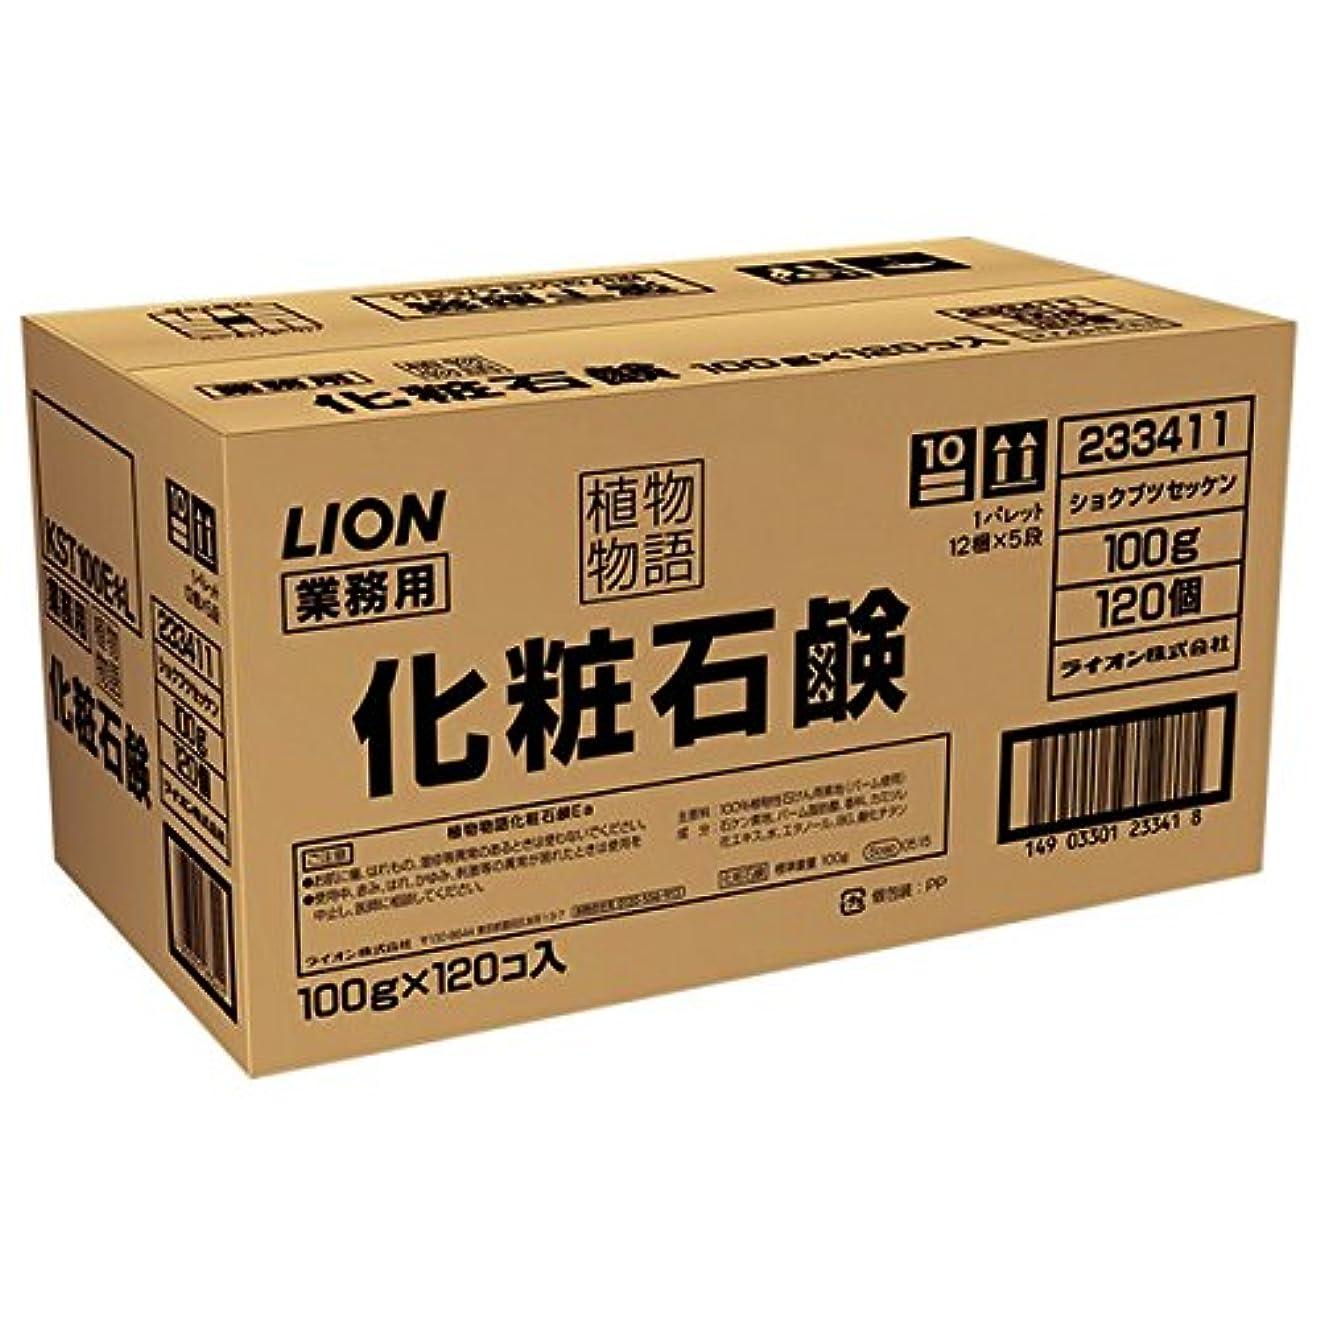 現在クラッチ洞察力のあるライオン 植物物語 化粧石鹸 業務用 100g 1箱(120個)